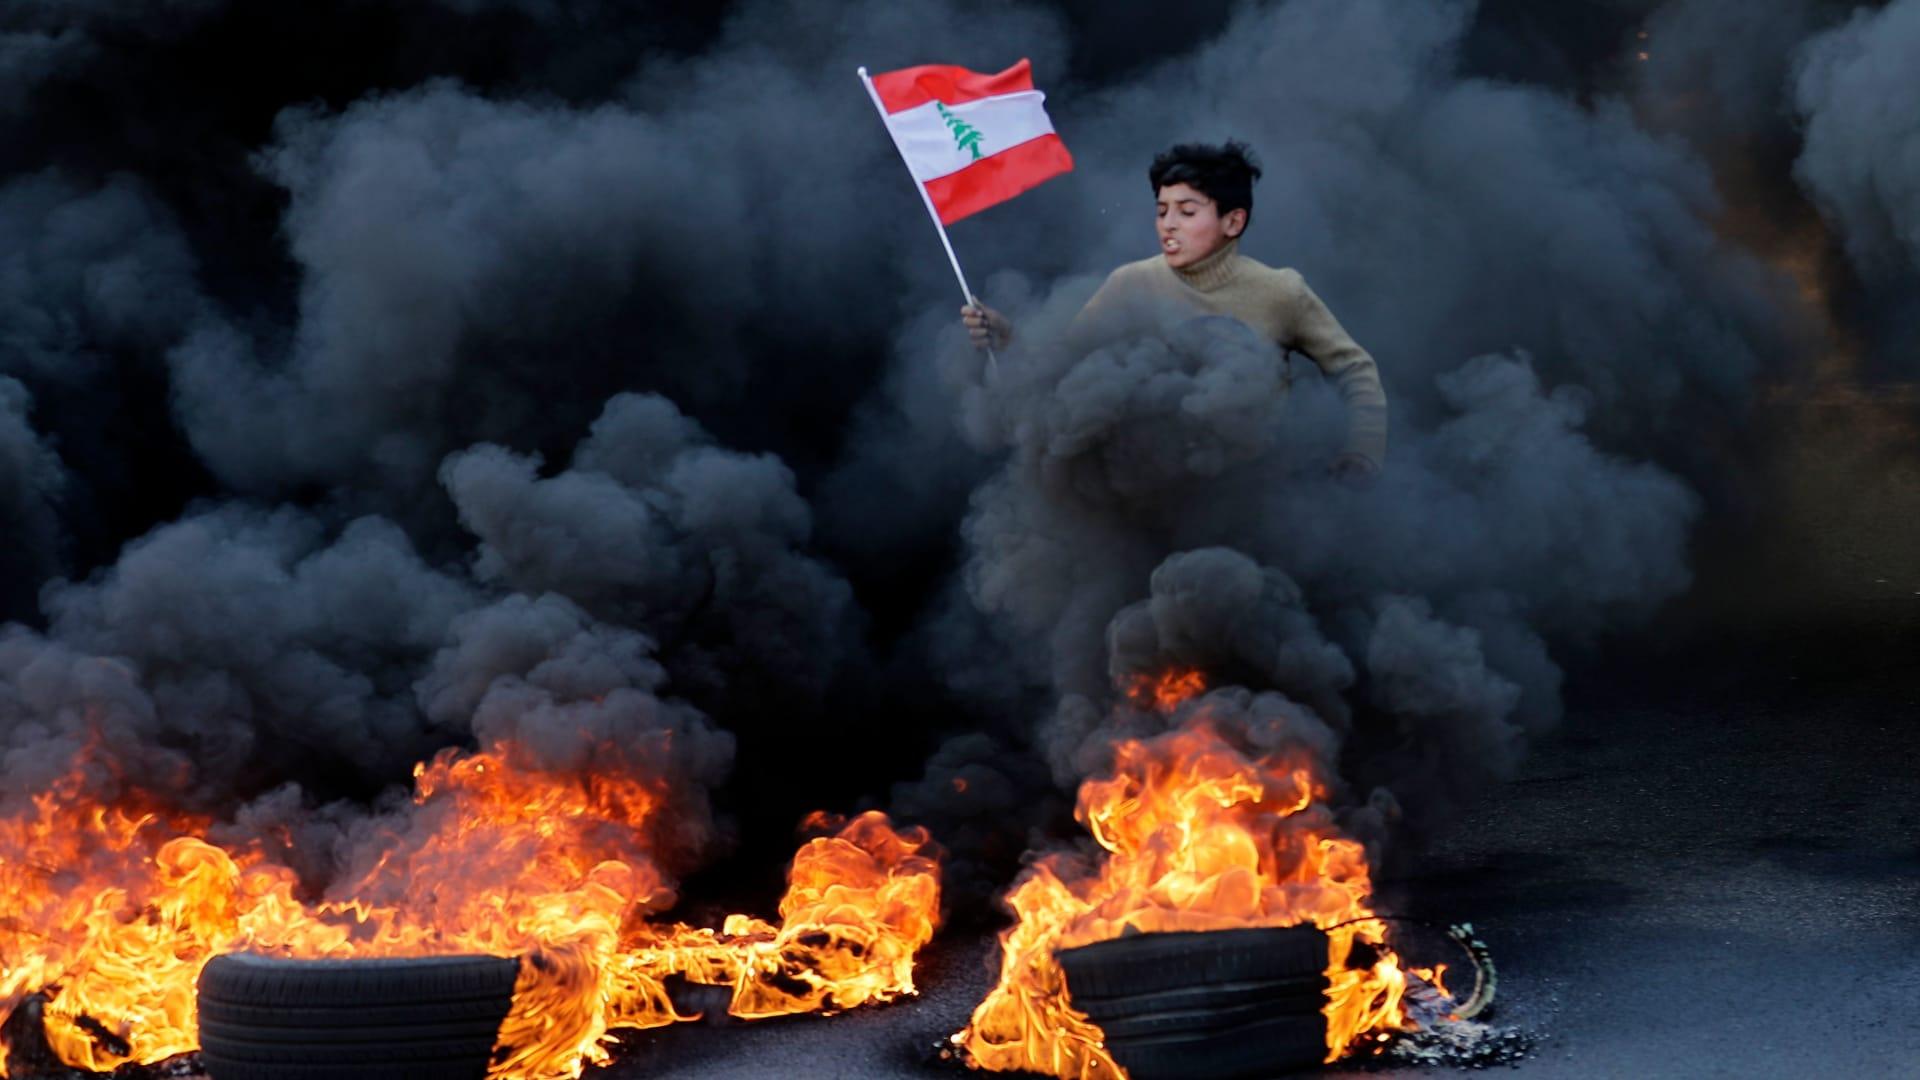 عكار بعد المرفأ.. انفجار خزان محروقات في لبنان يودي بحياة 20 شخصا على الأقل